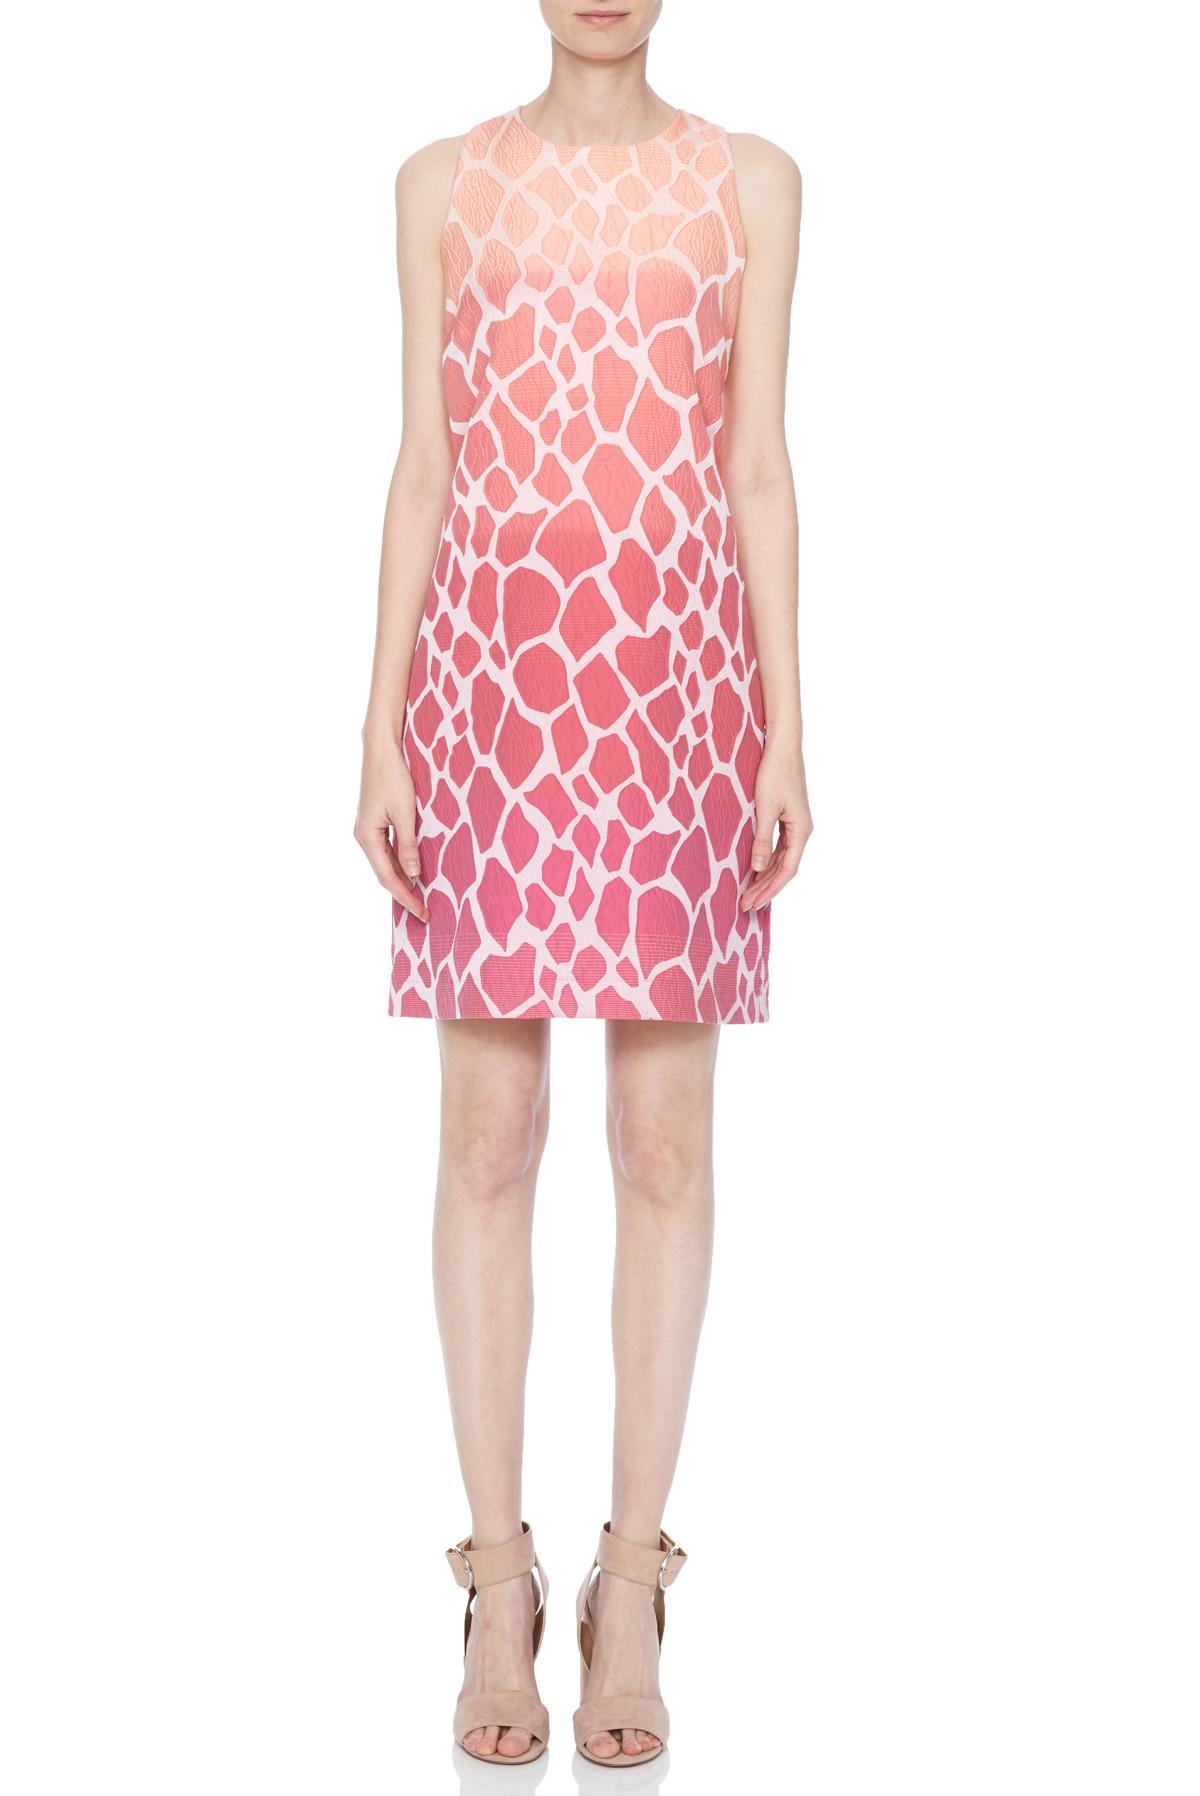 Vorderansicht von Ana Alcazar Sixties Kleid Nalanis  angezogen an Model